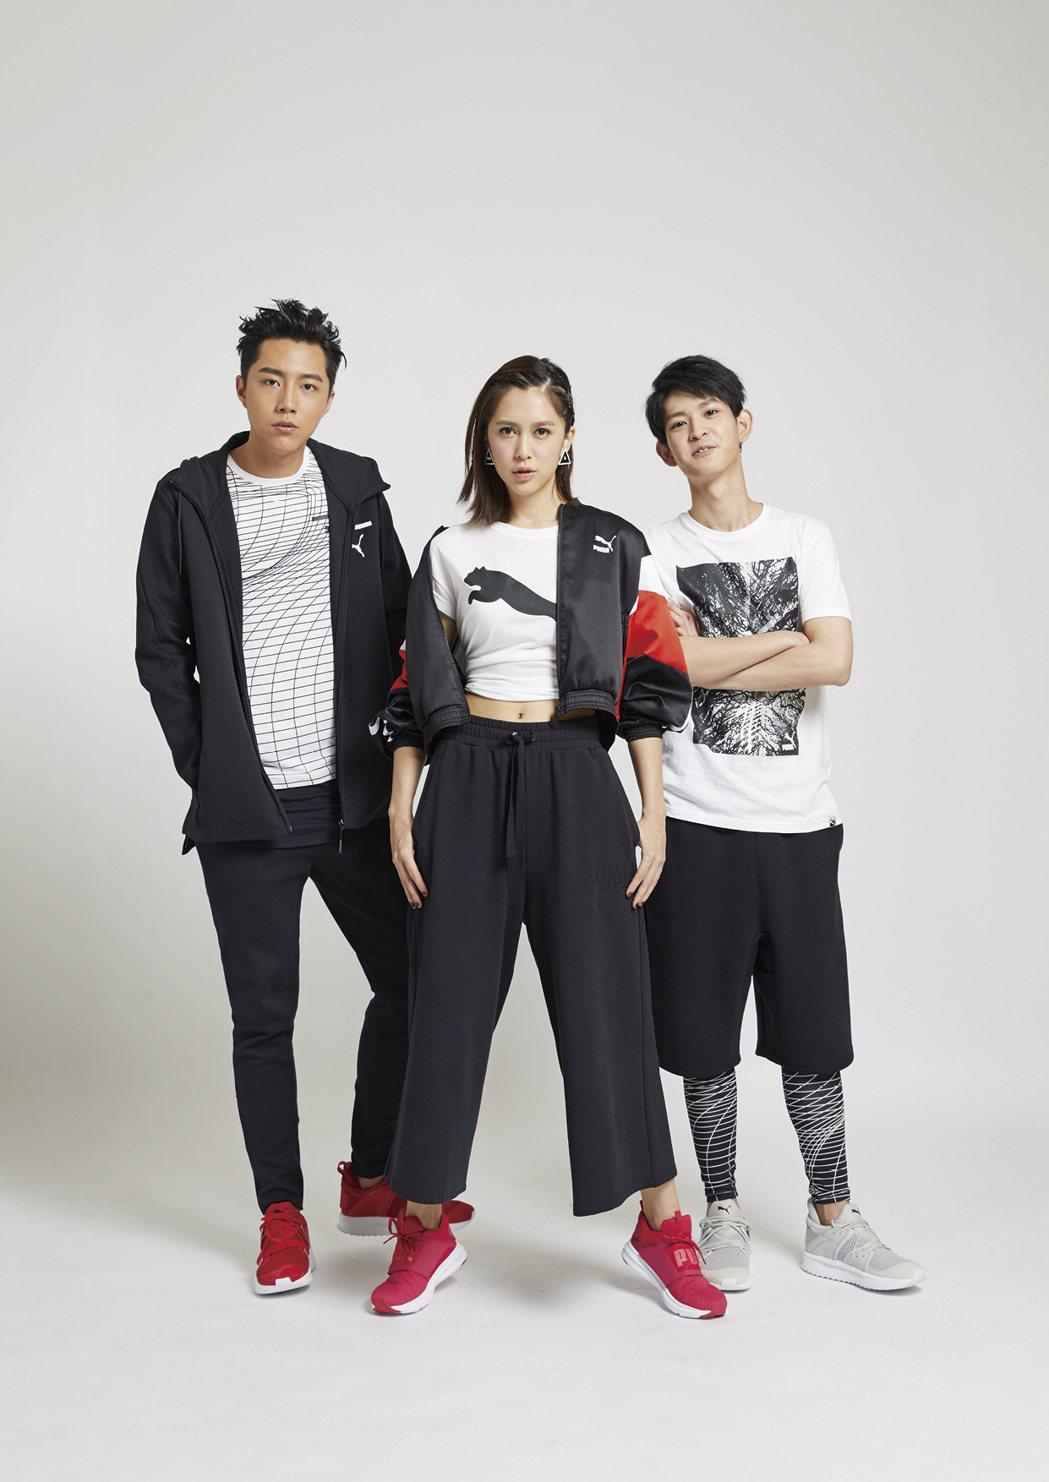 蔡凡熙(左起)、 劉奕兒、 鄧育凱擁有新世代活力。圖/《MILK潮流誌》提供